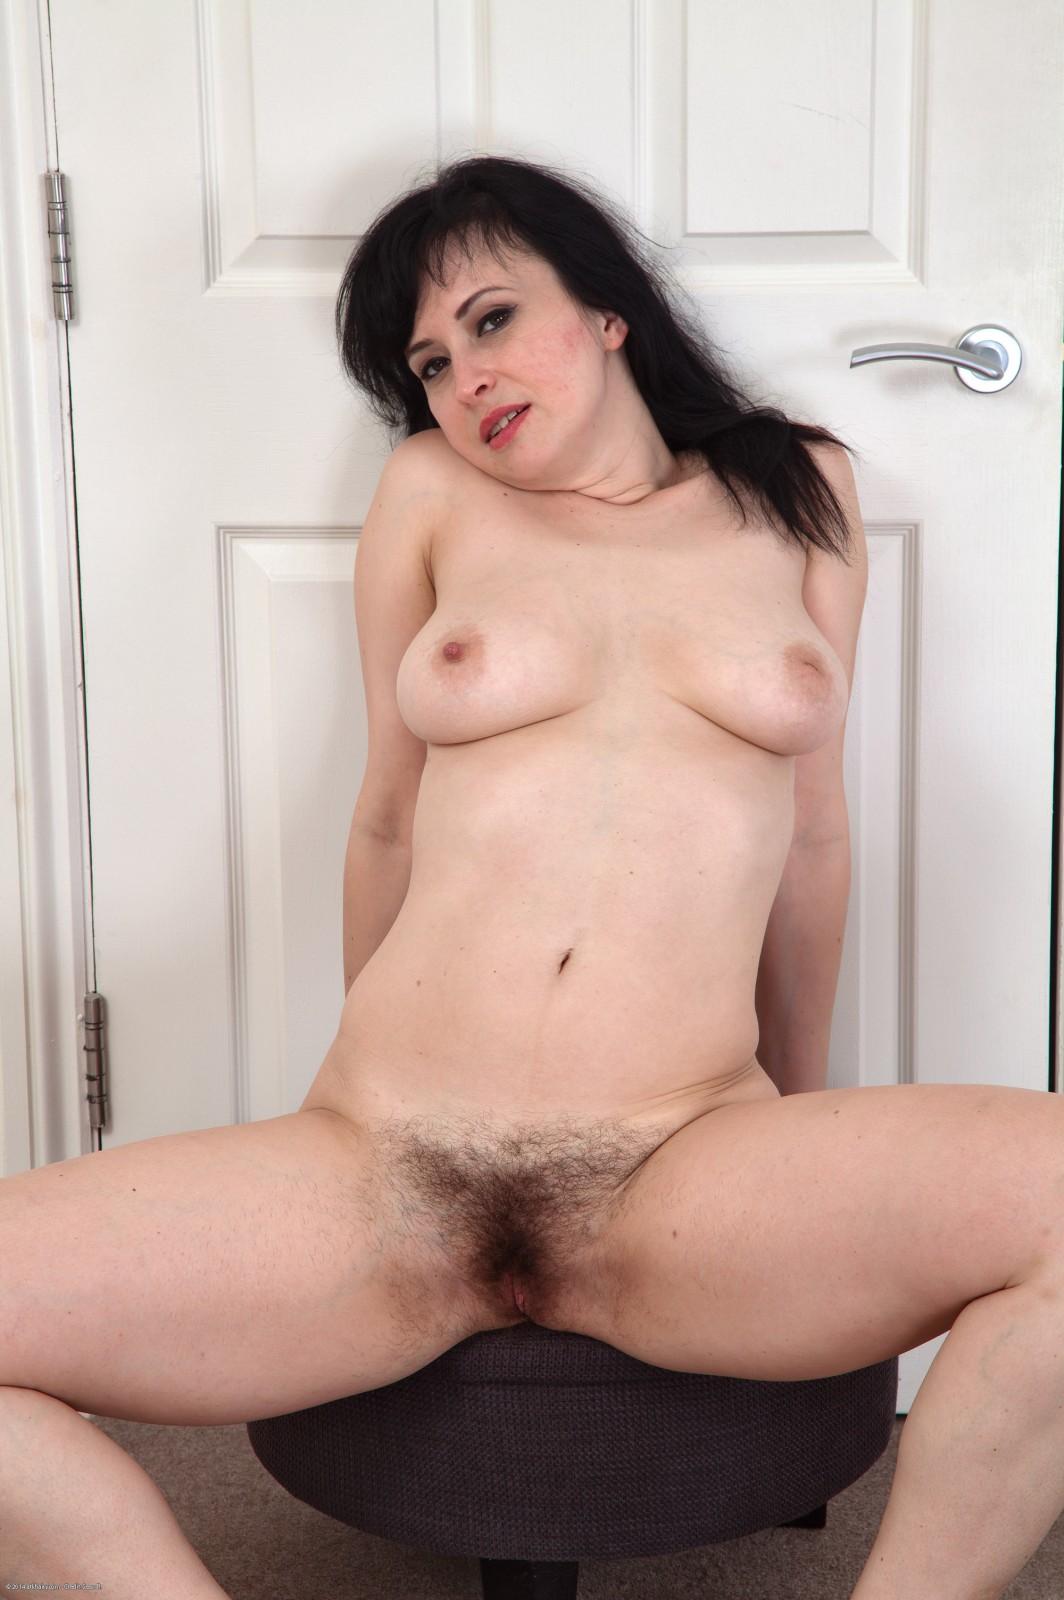 wemen in the nude